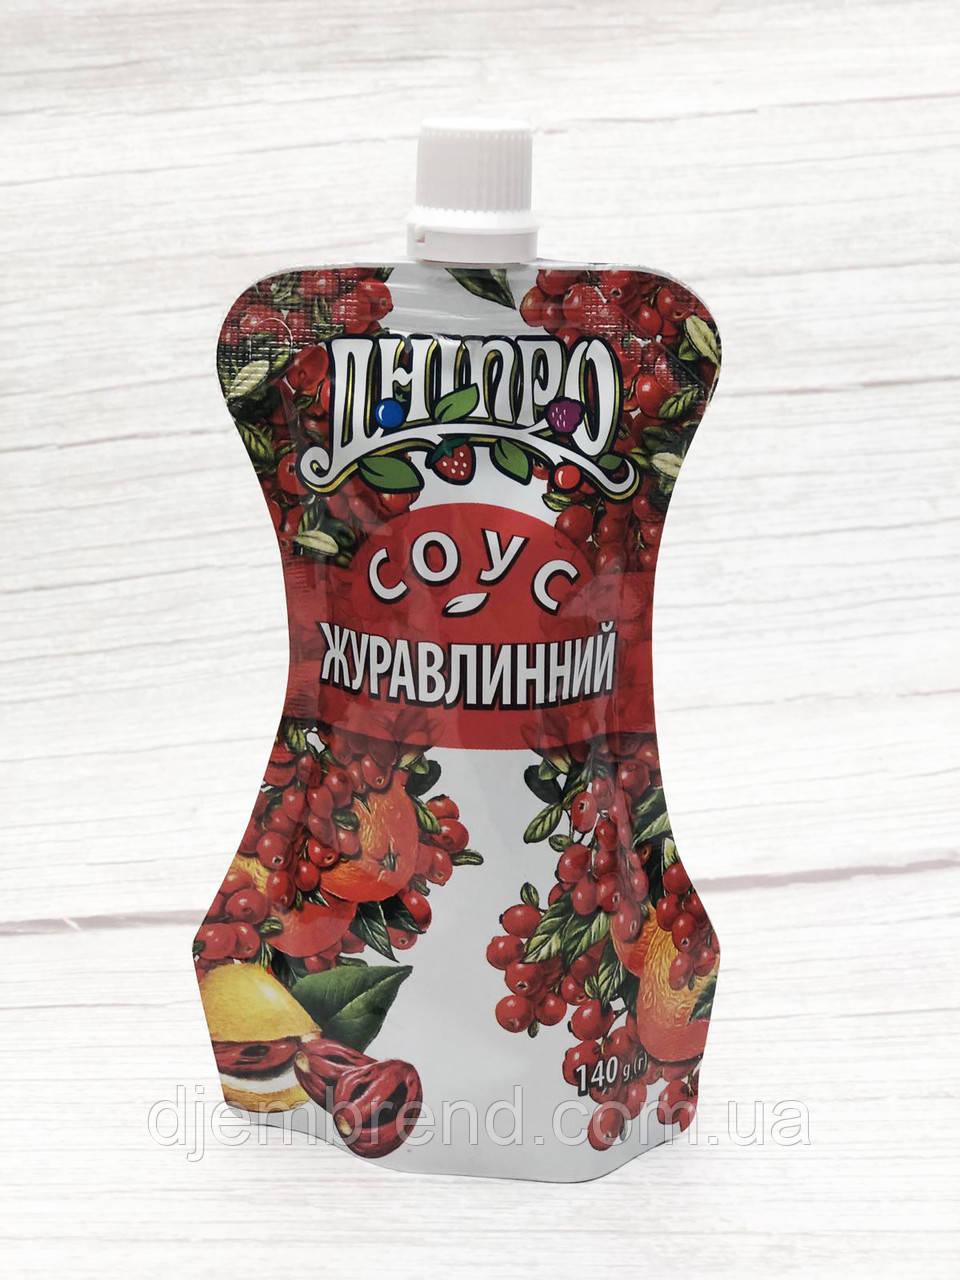 Соус ТМ Дніпро Клюквенный 140 г.